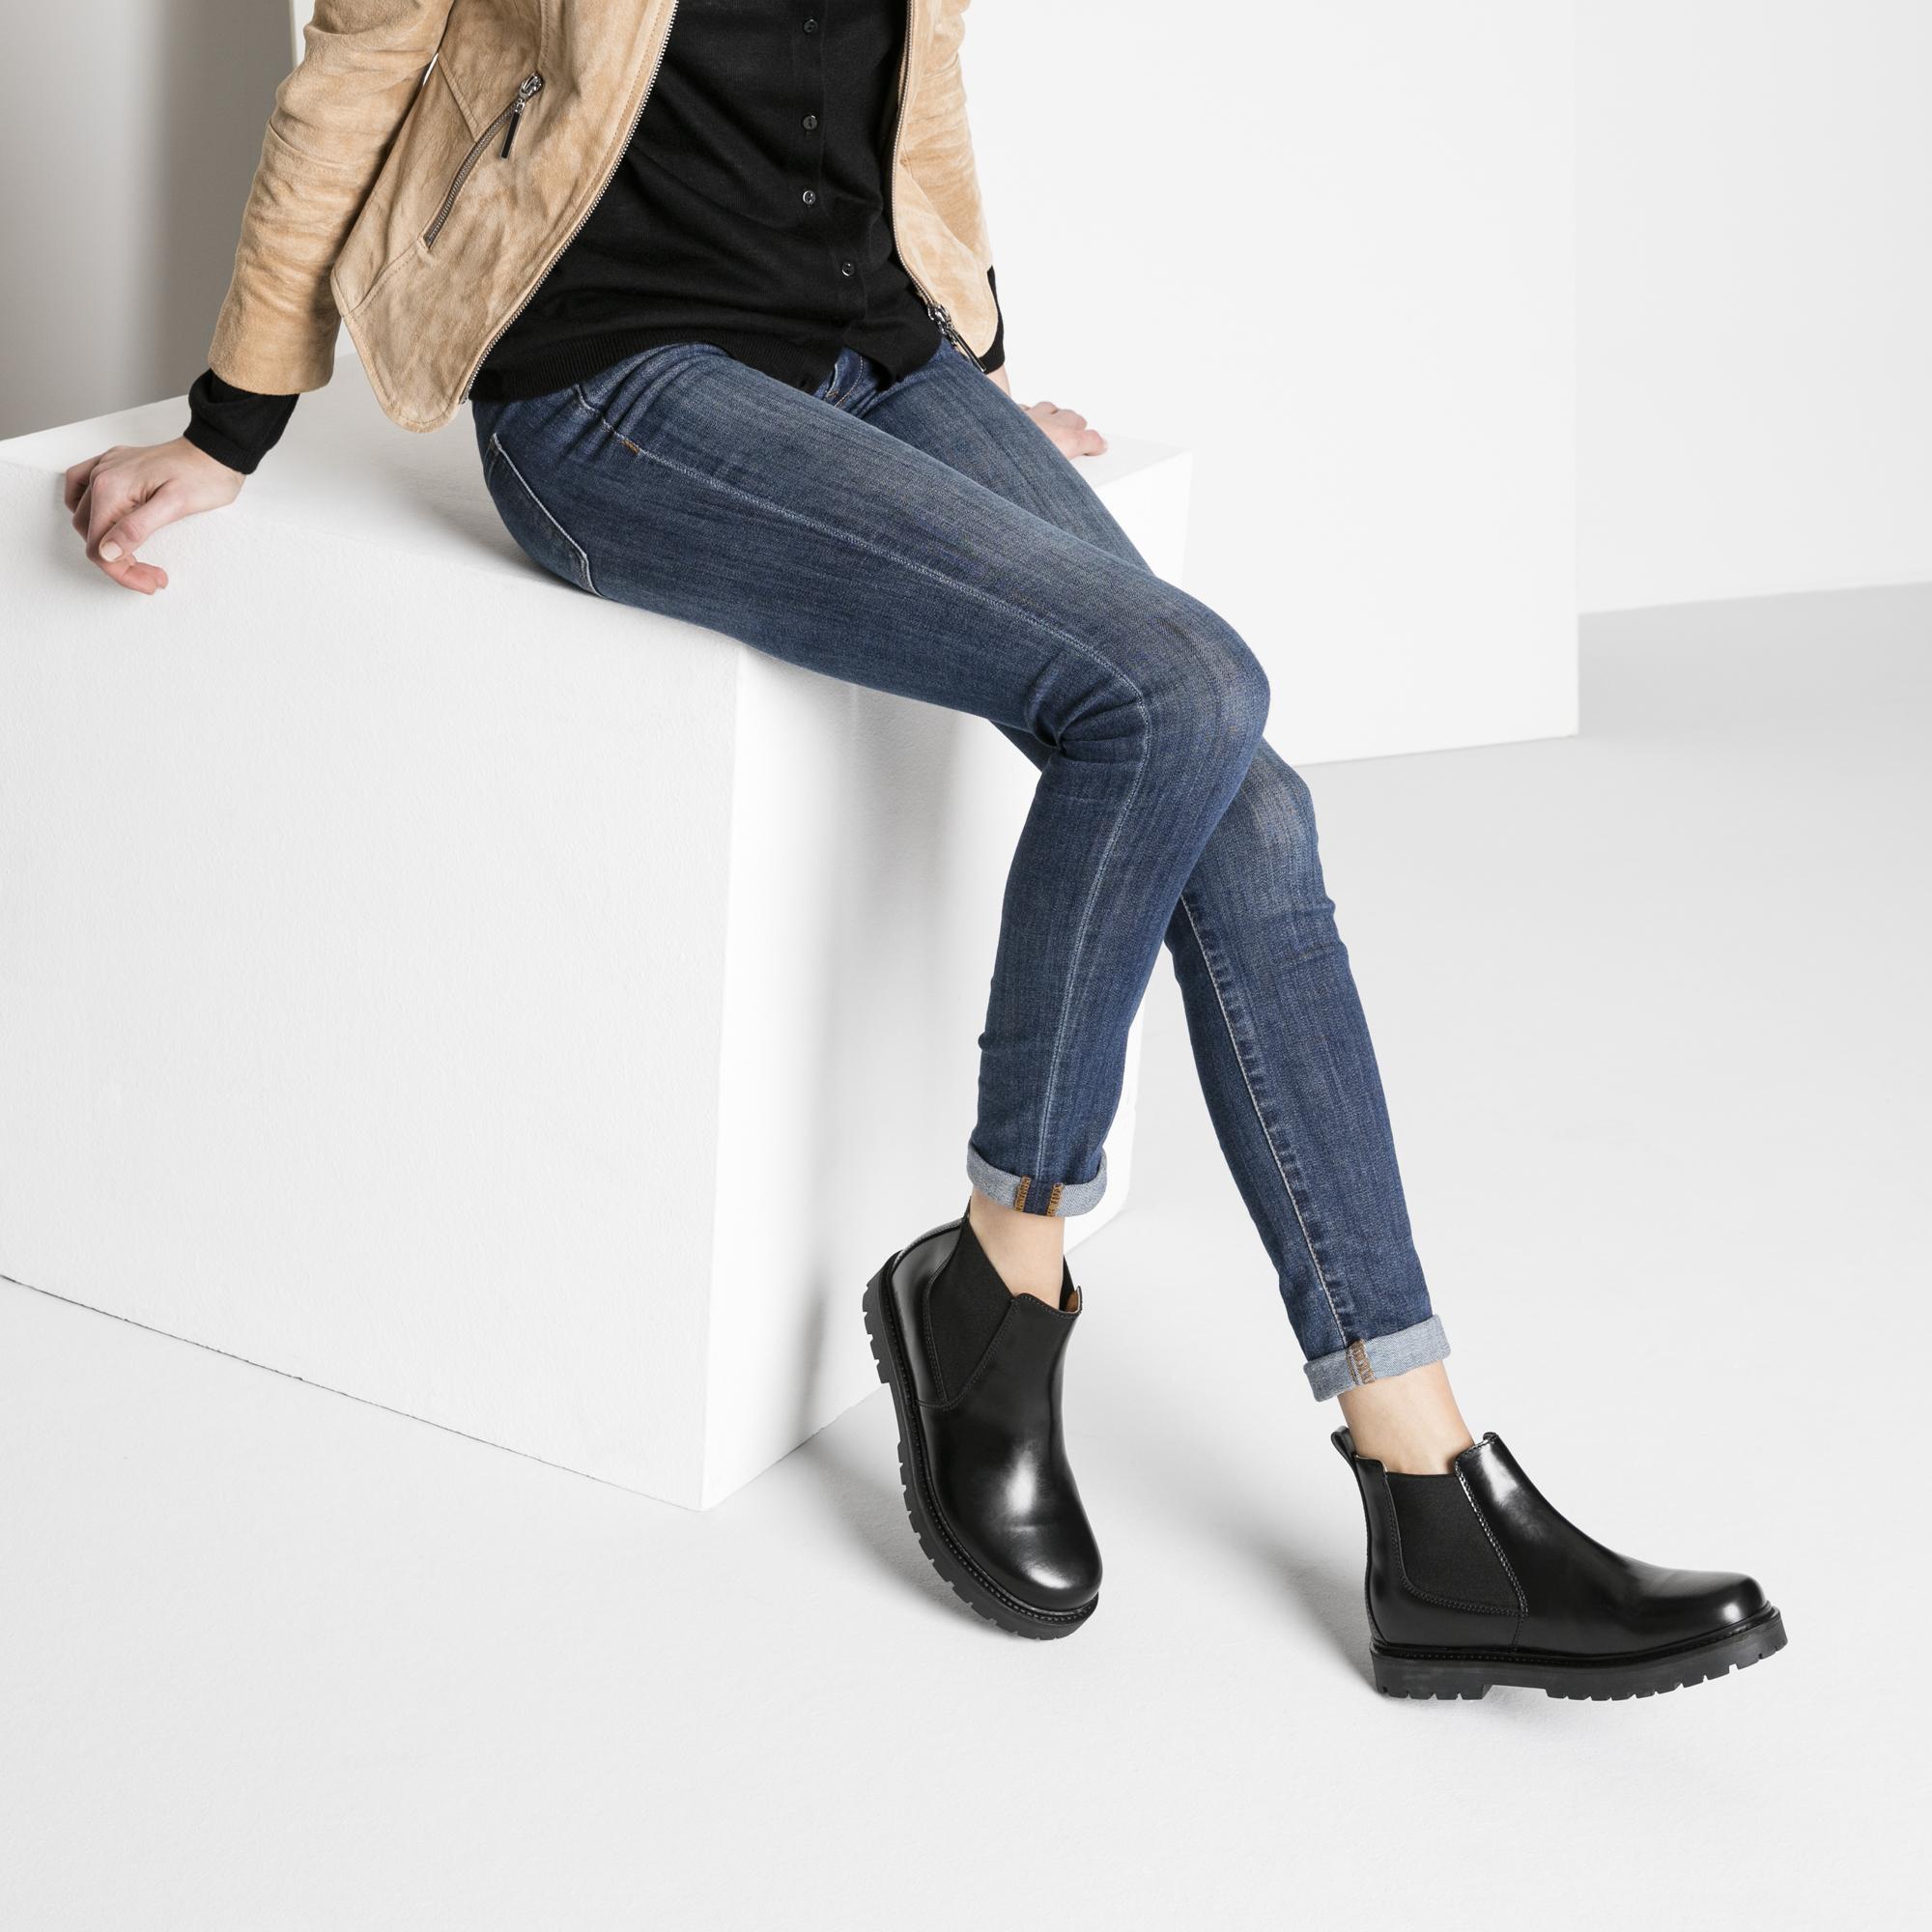 2961b18c552 ... Stalon Natural Leather Black ...